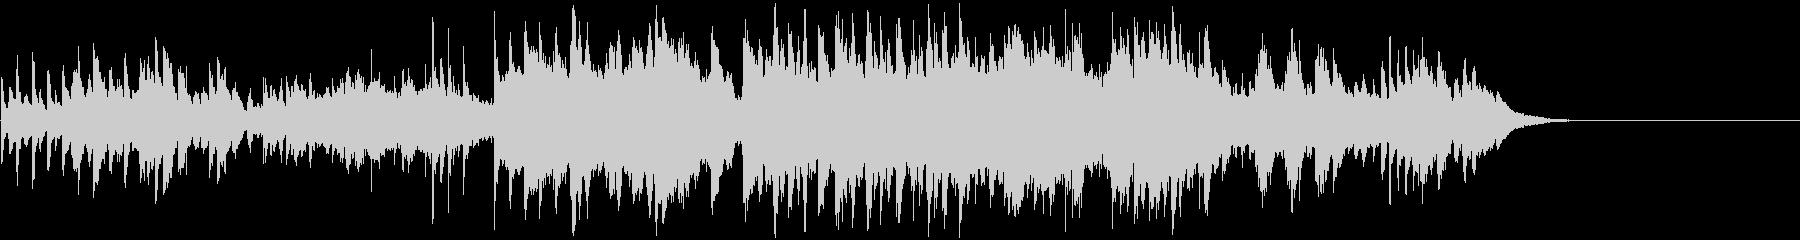 ほのぼのしたピアノクァルテットの未再生の波形